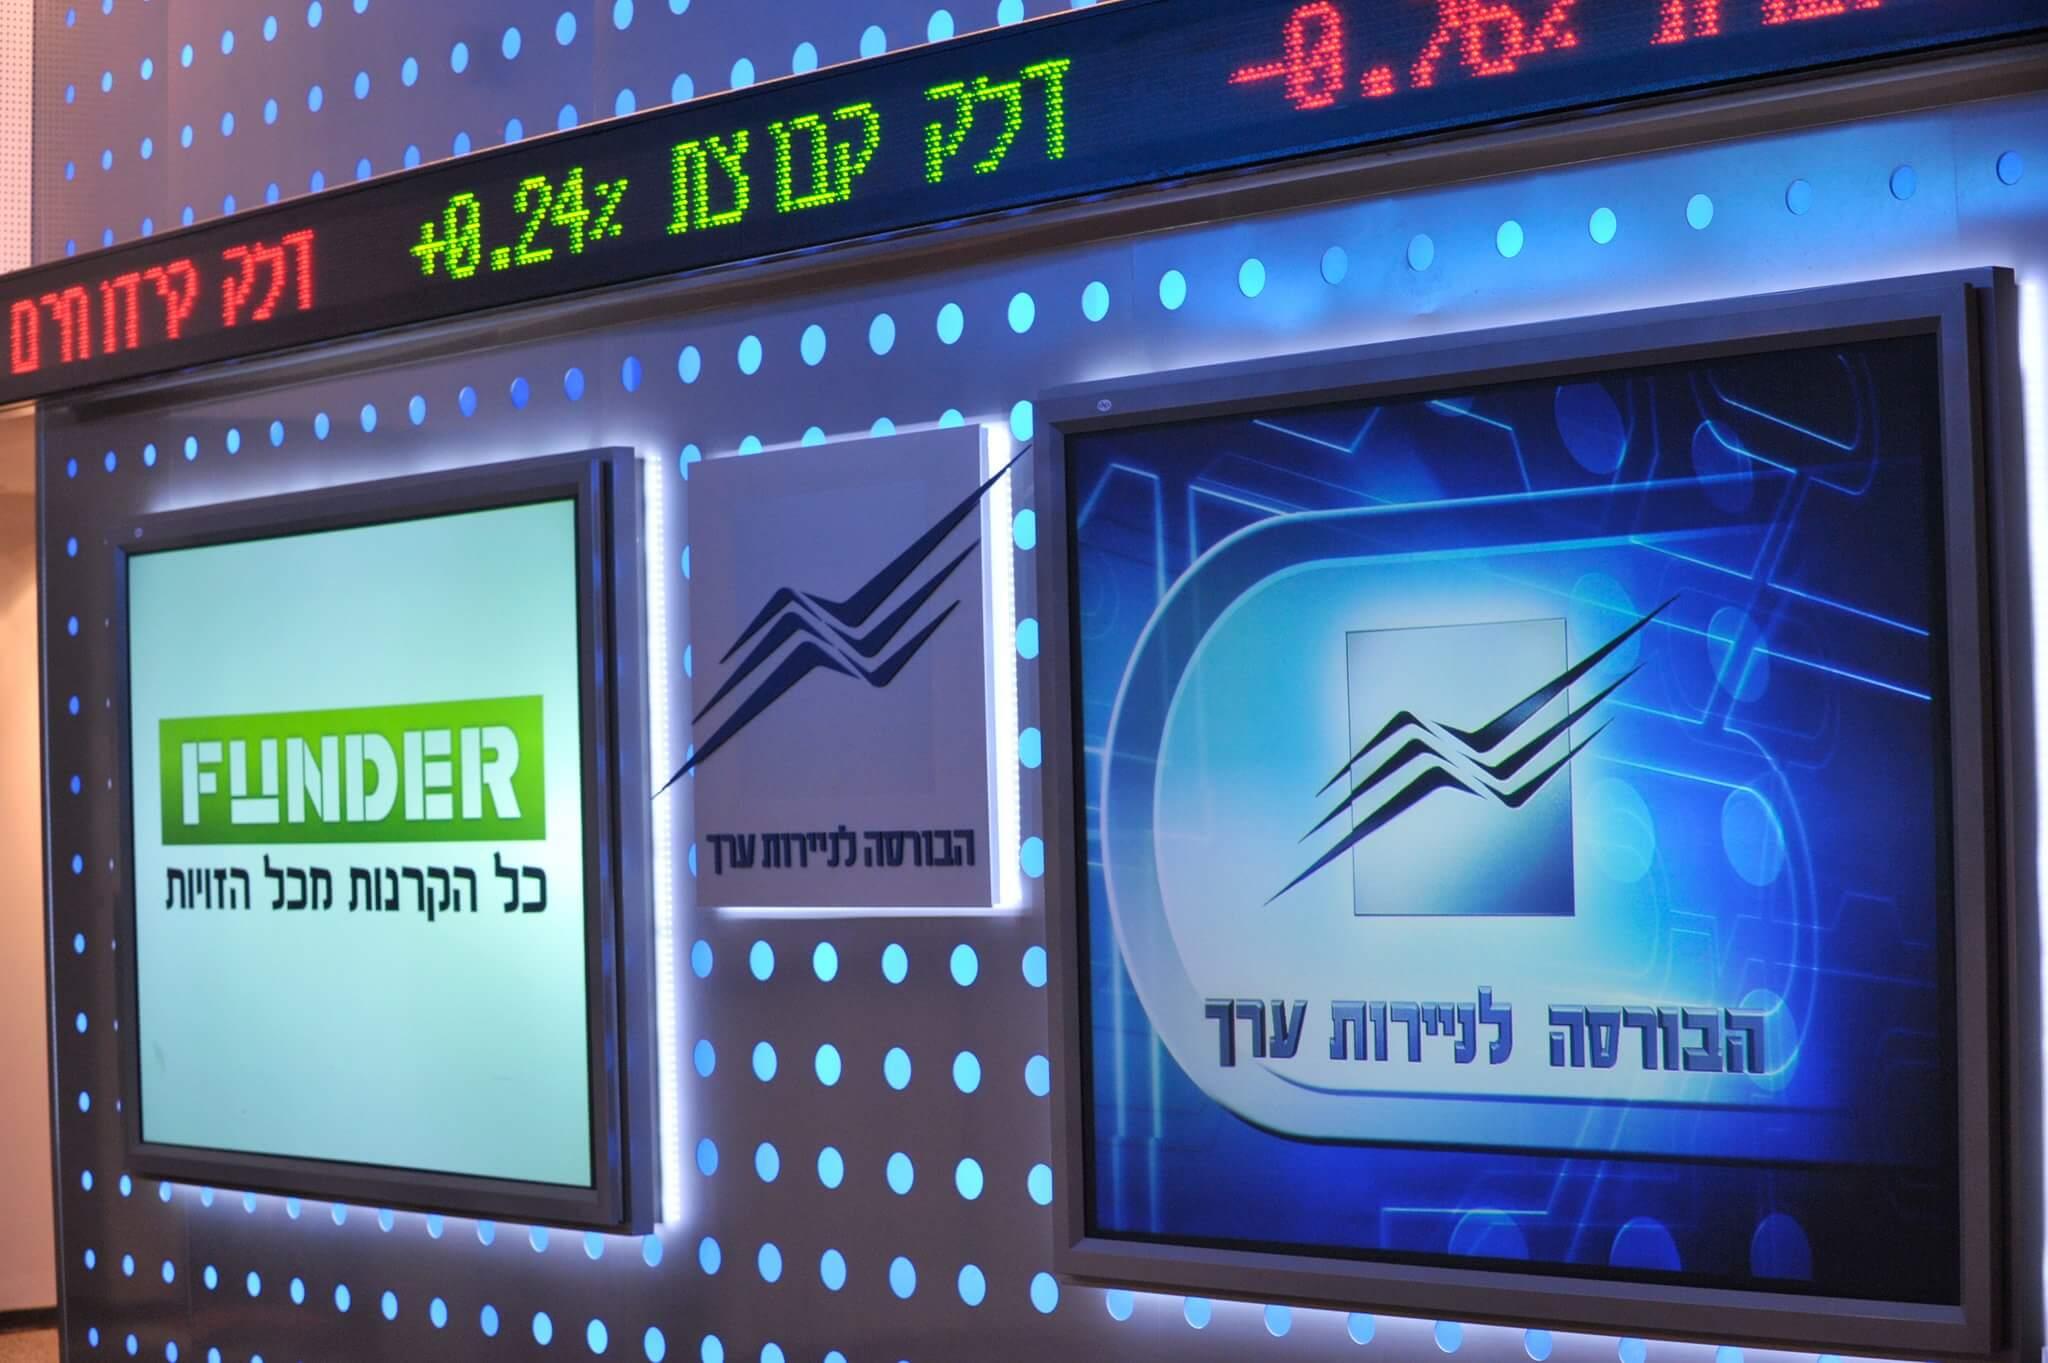 פאנדר והבורסה